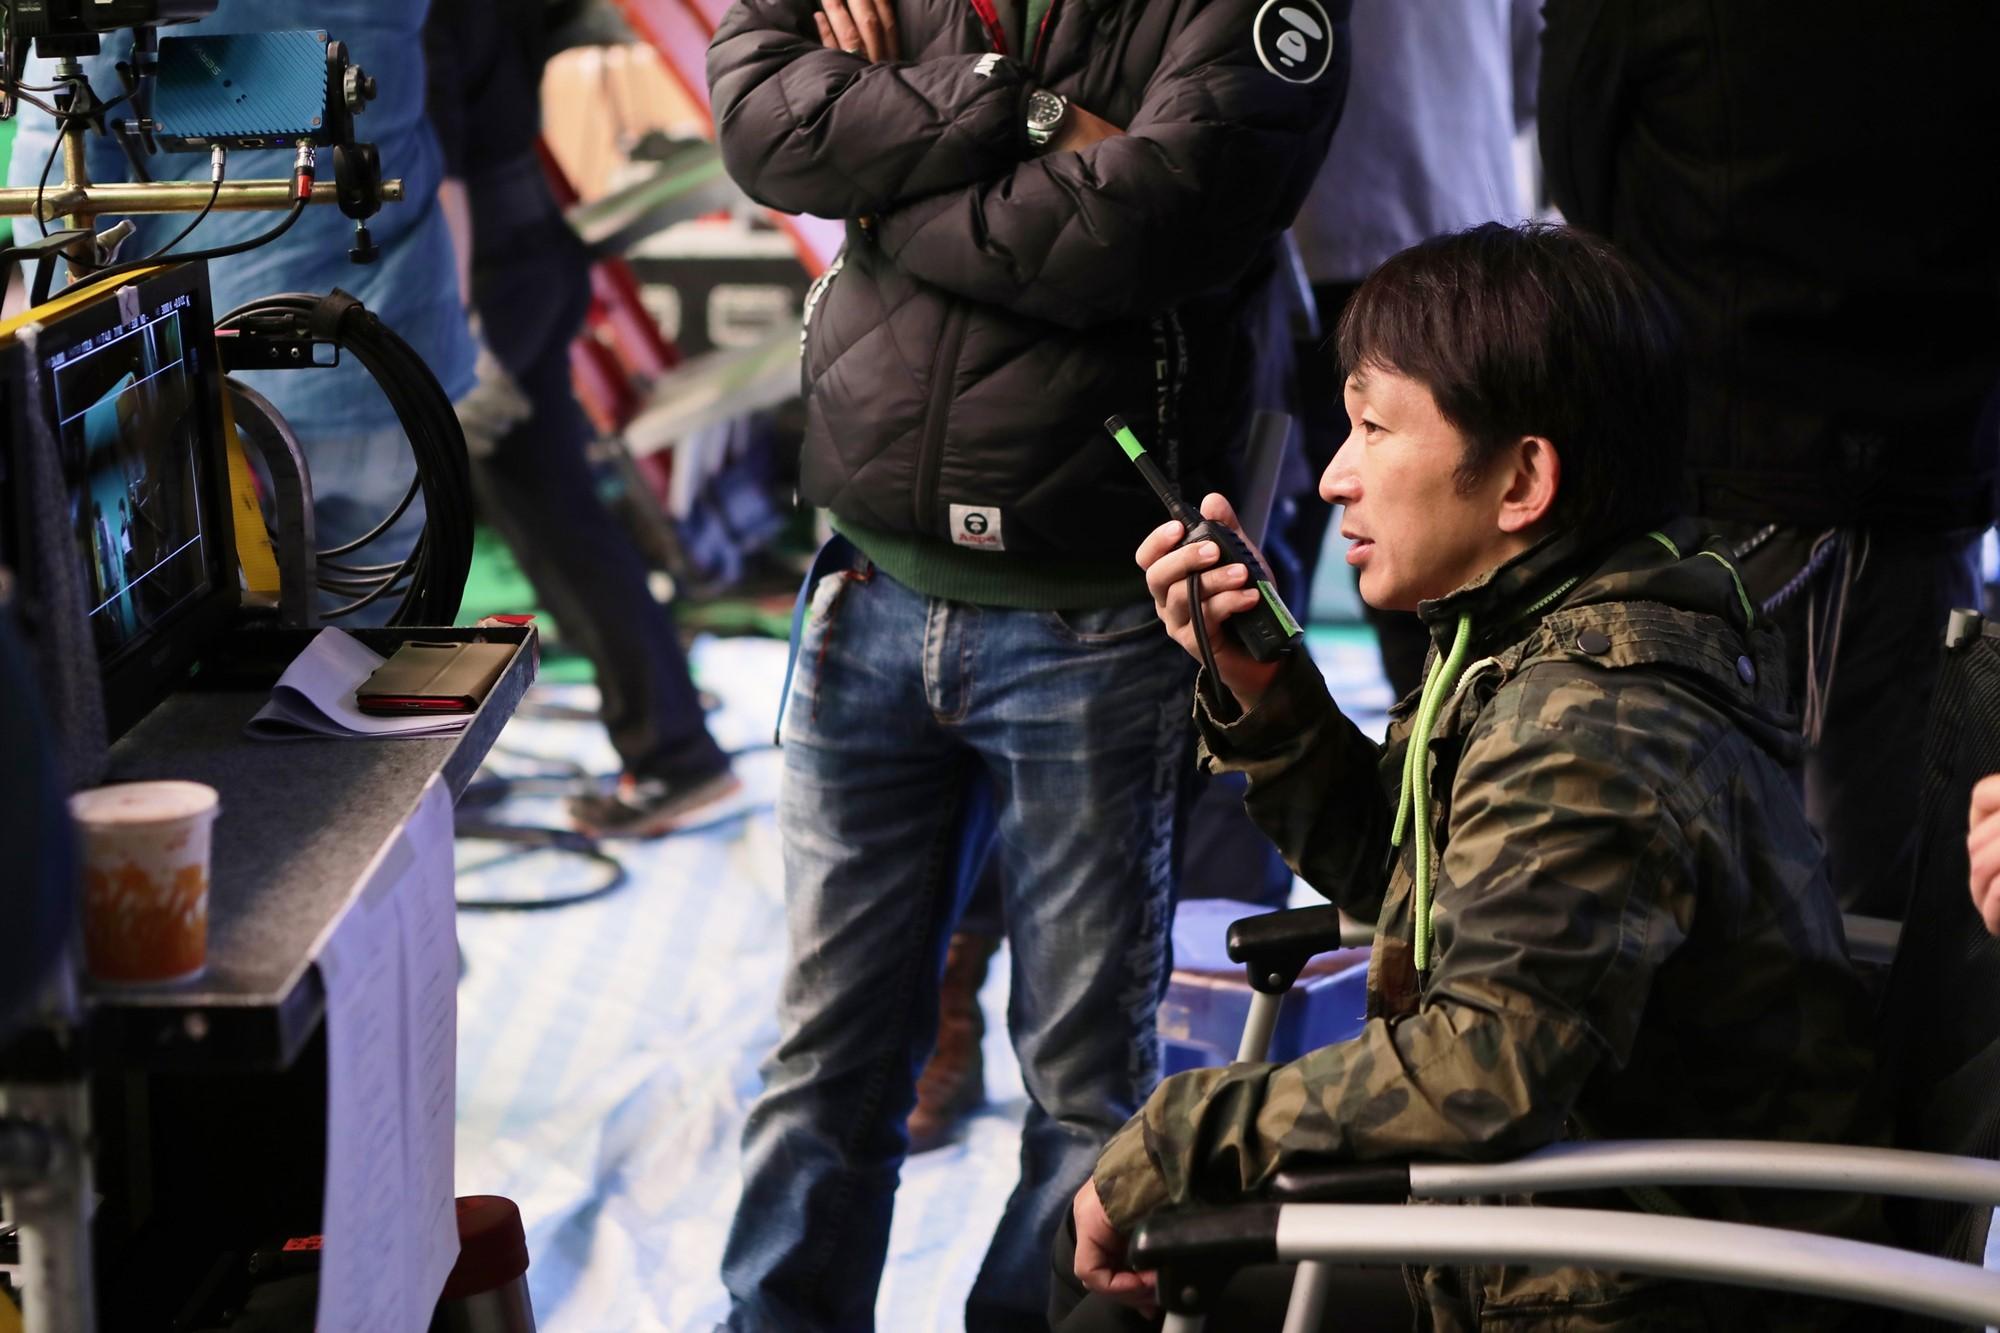 繼《導火線》《殺破狼》後 再創動作高峰 支持谷垣首部執導電影 甄子丹全程投入演出